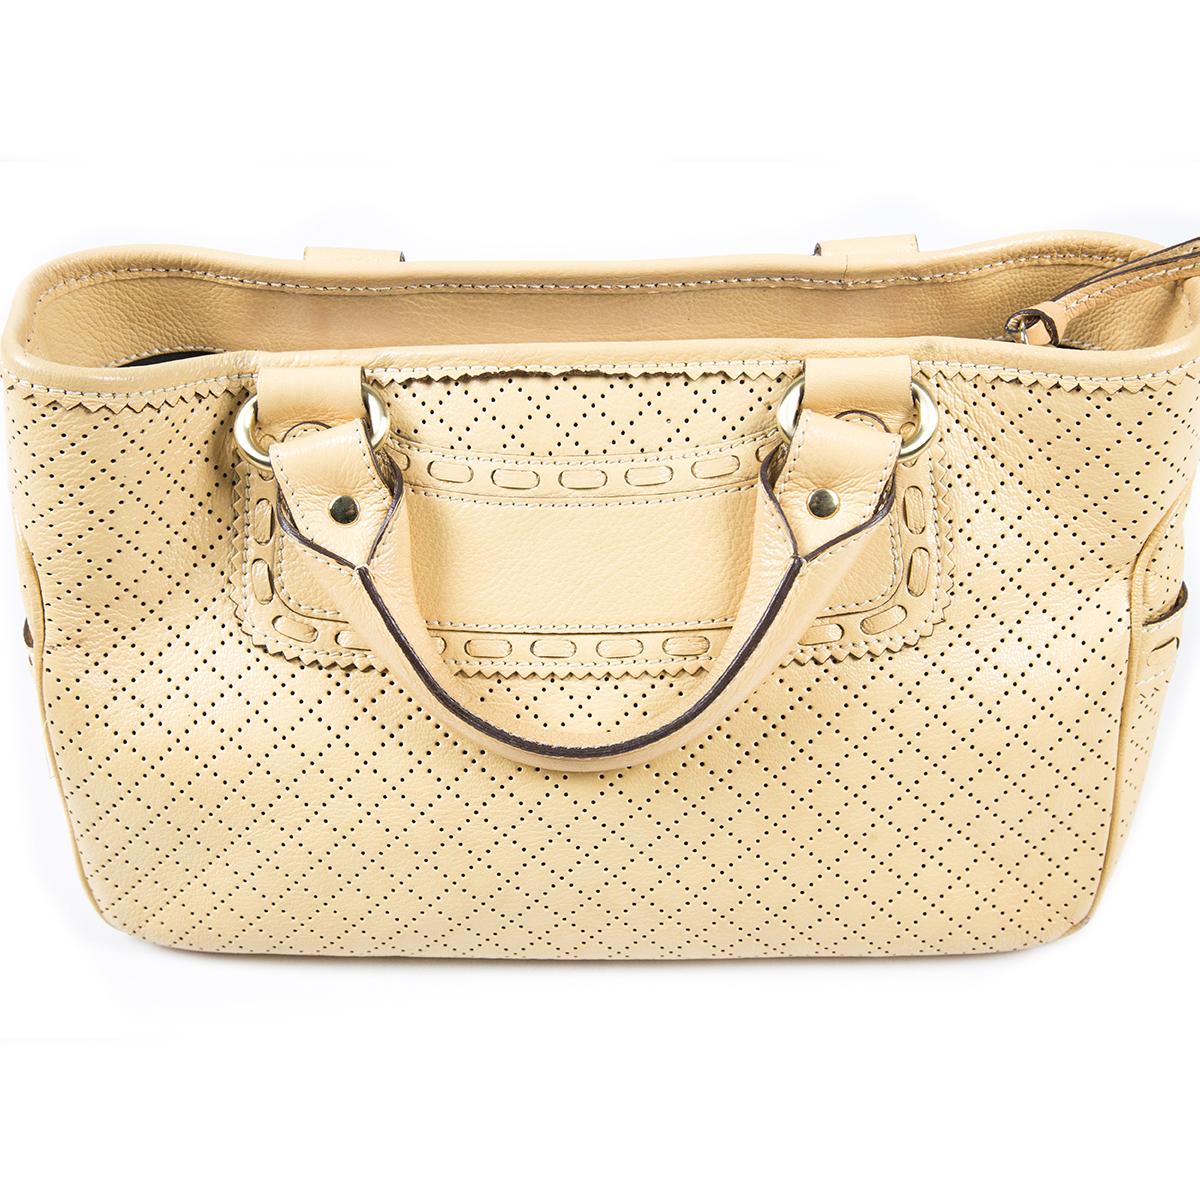 f6664f2af393 Céline Biker Boogie handbag - RE-DEFINE